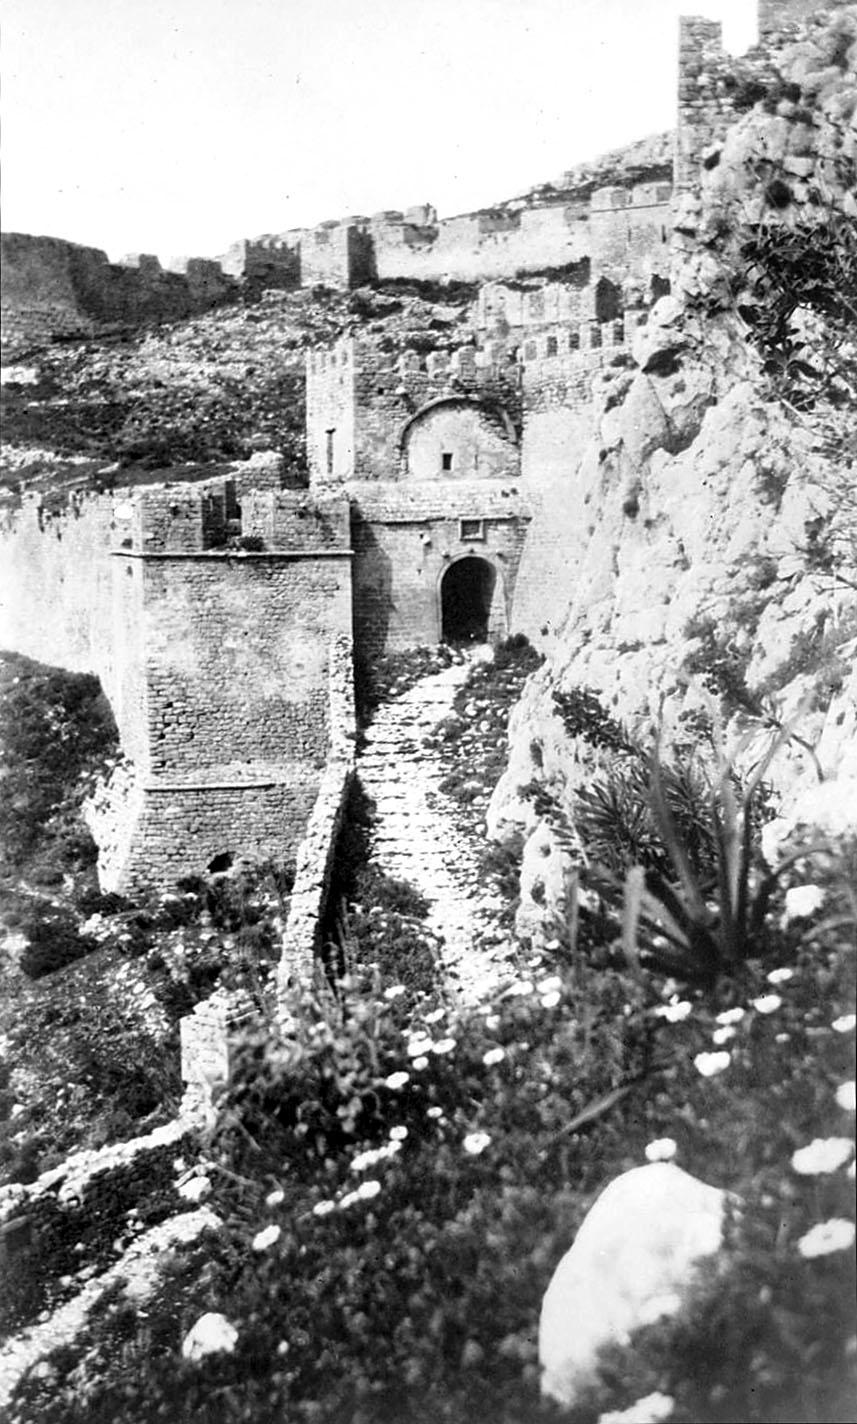 acocorinth, second gate, 1928-ol Das zweite Burgtor der Akrokorinth im Jahr 1928, das Foto entstand während der ersten Ausgrabungskampagne der ASCSA. Foto: corinth.ascsa.net